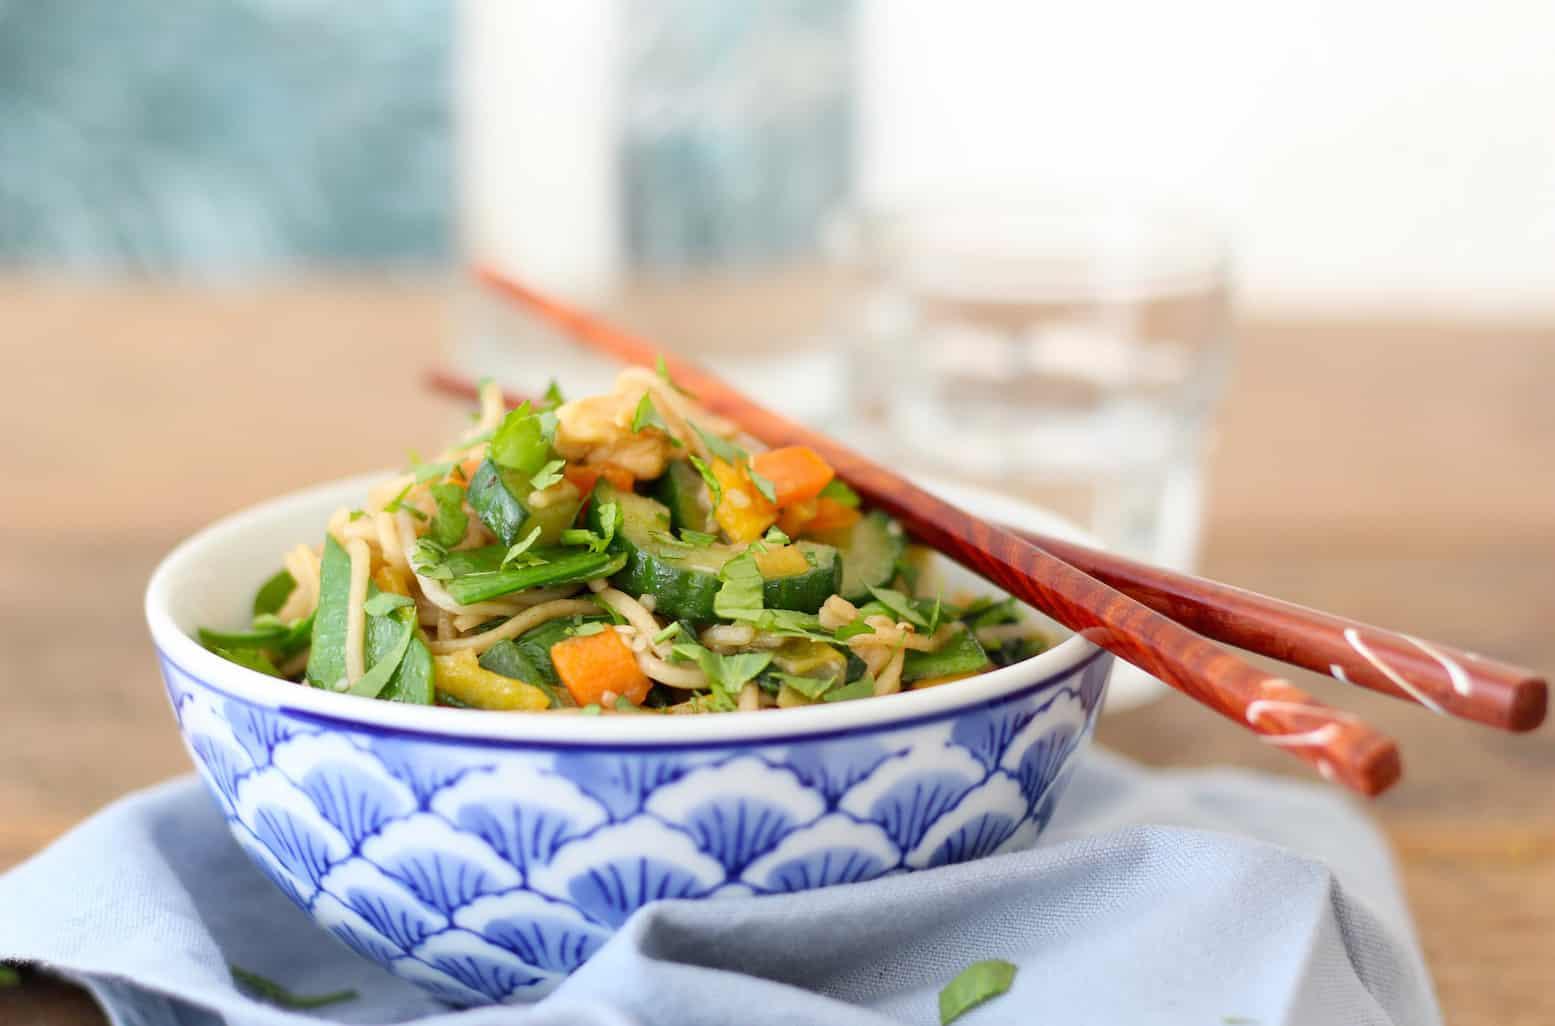 gewokte groenten met vis meet